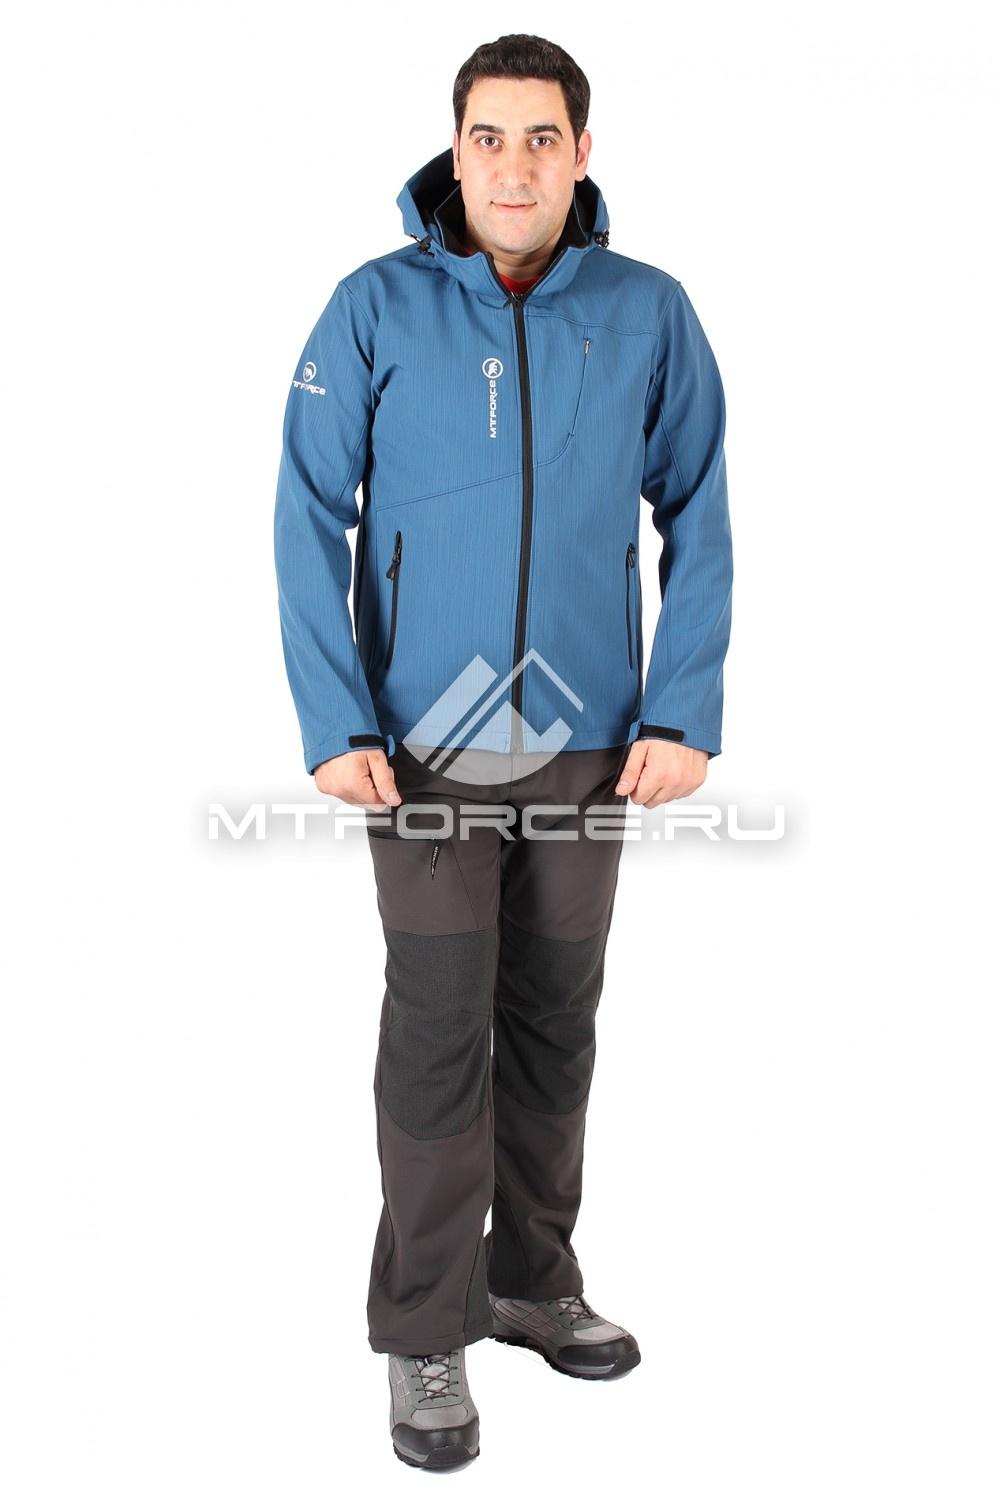 Купить                                  оптом Костюм виндстопер мужской синего цвета 1504S